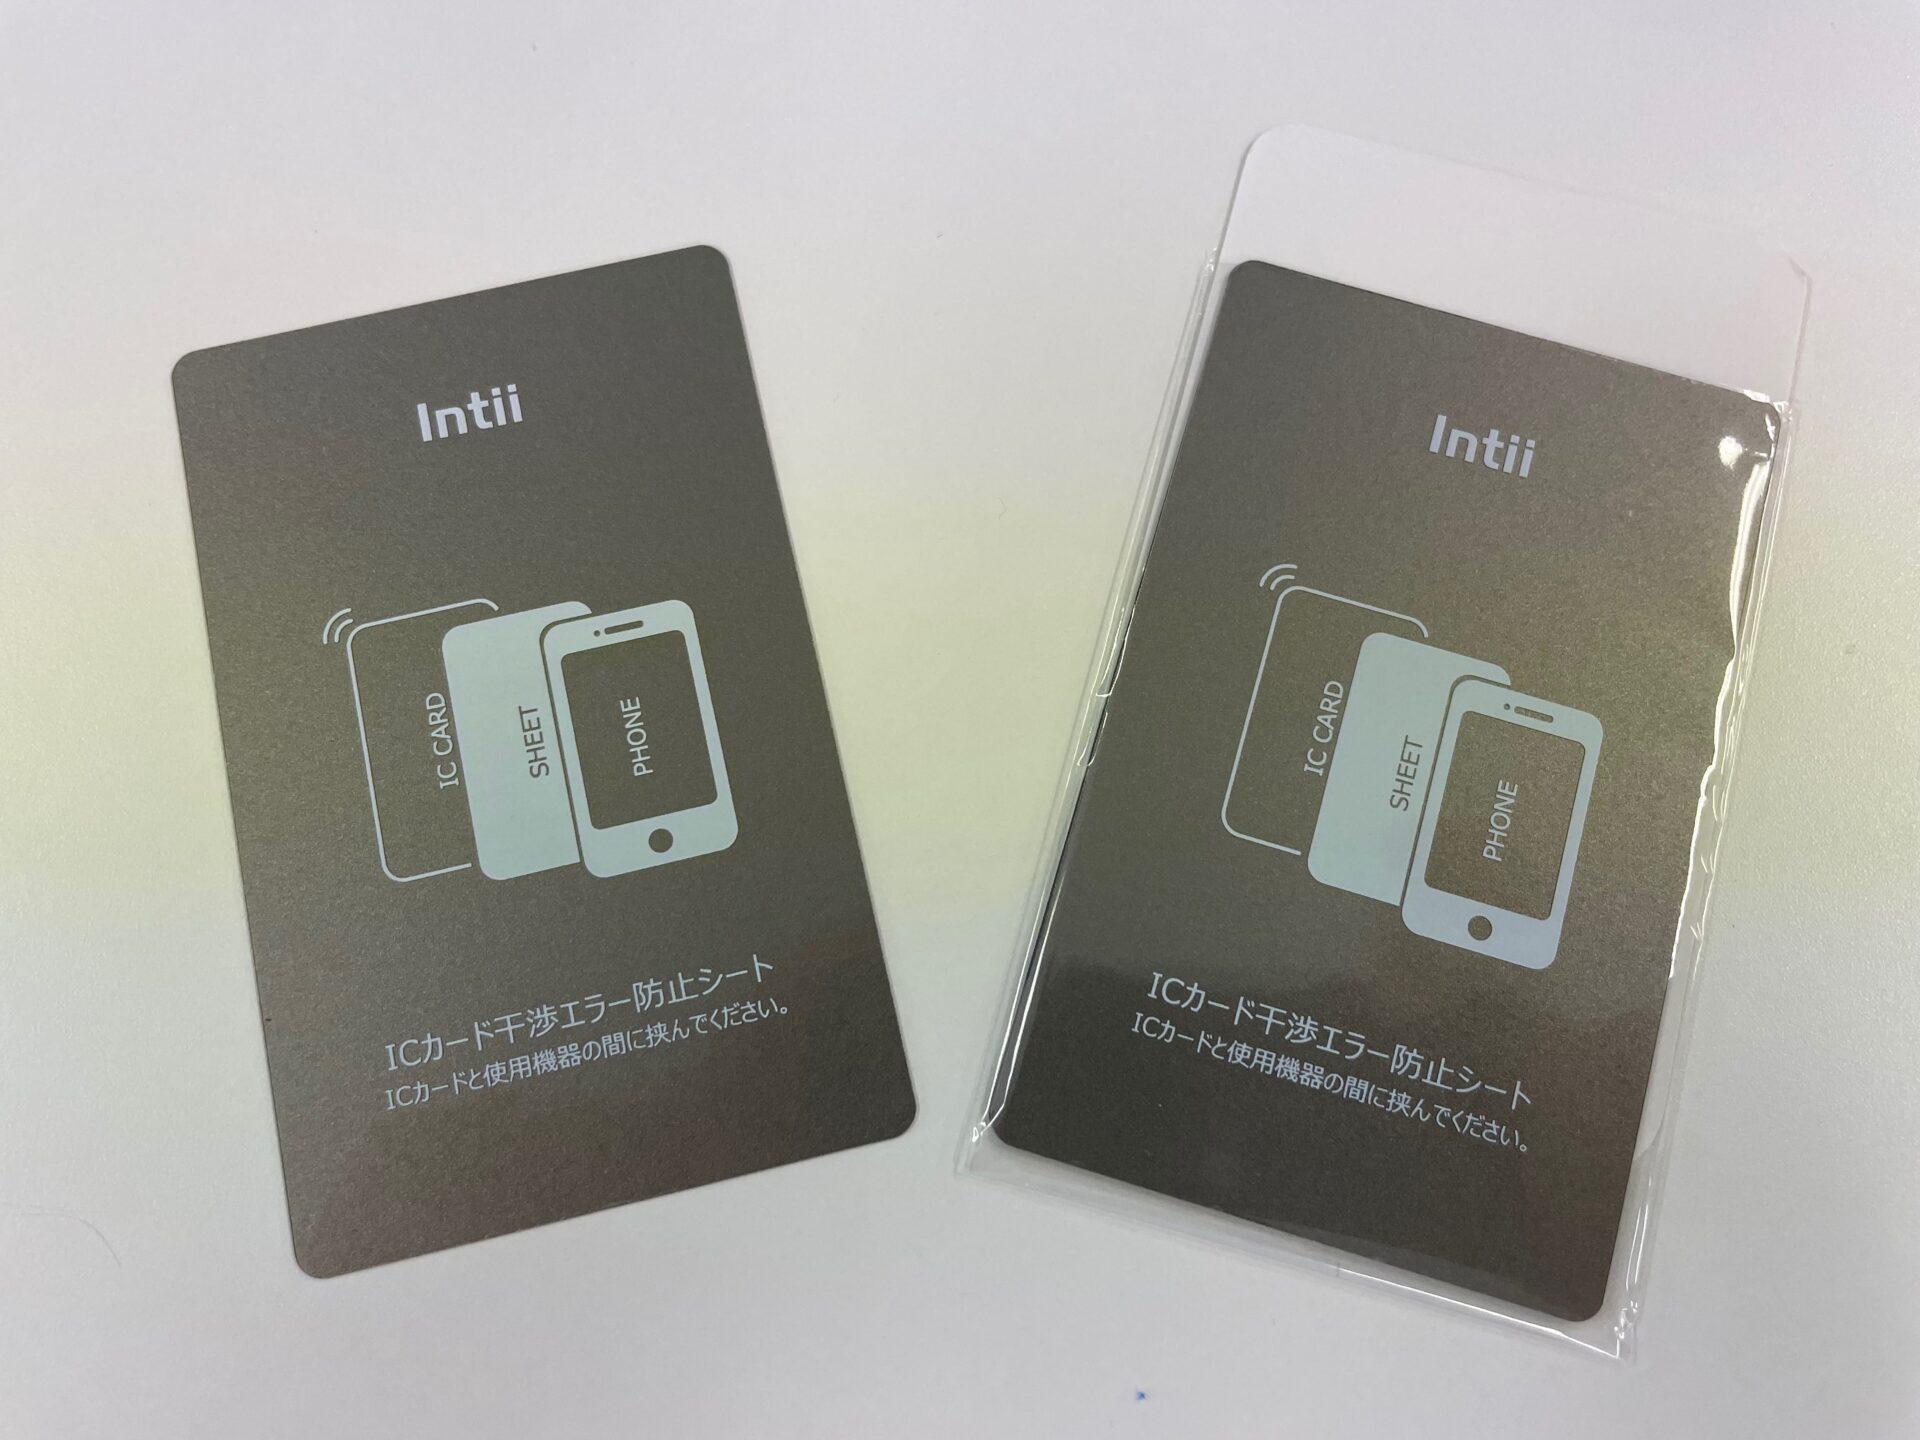 Intii 電磁波干渉防止シート スマホ専用 ICカード読み取りエラー防止シート 改札 磁気防止 超薄 (3枚セット)